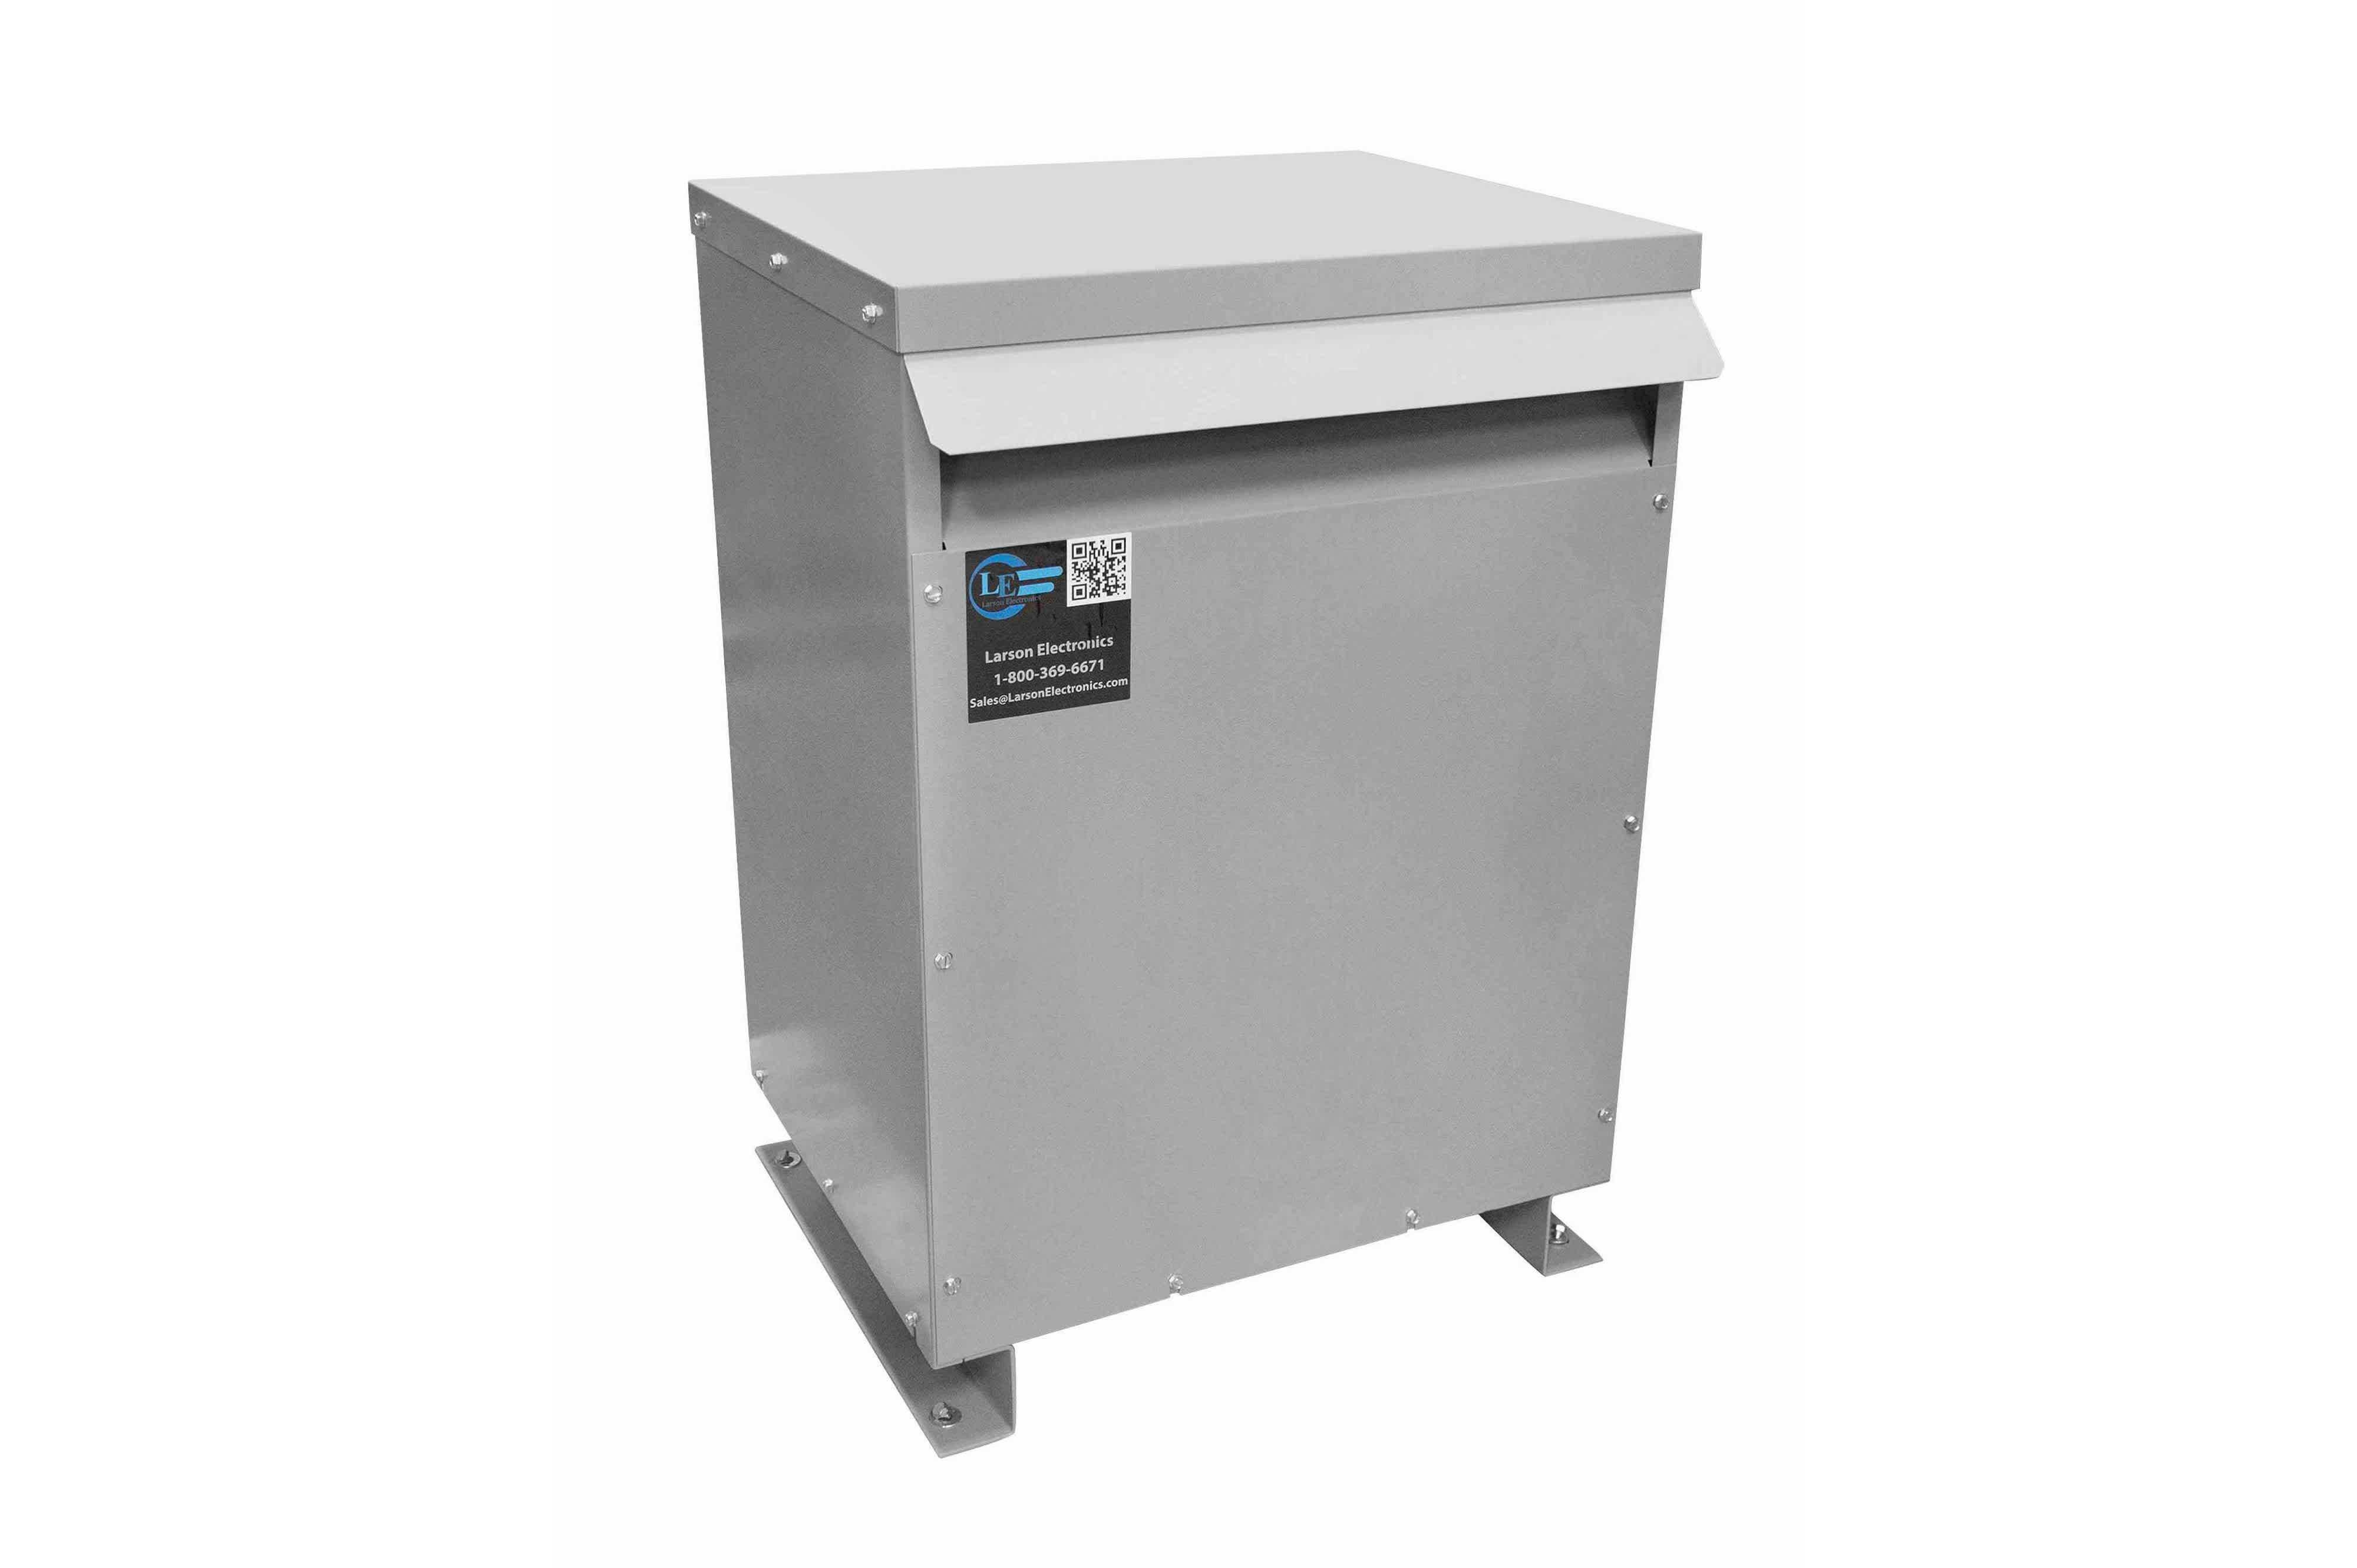 20 kVA 3PH Isolation Transformer, 600V Delta Primary, 380V Delta Secondary, N3R, Ventilated, 60 Hz